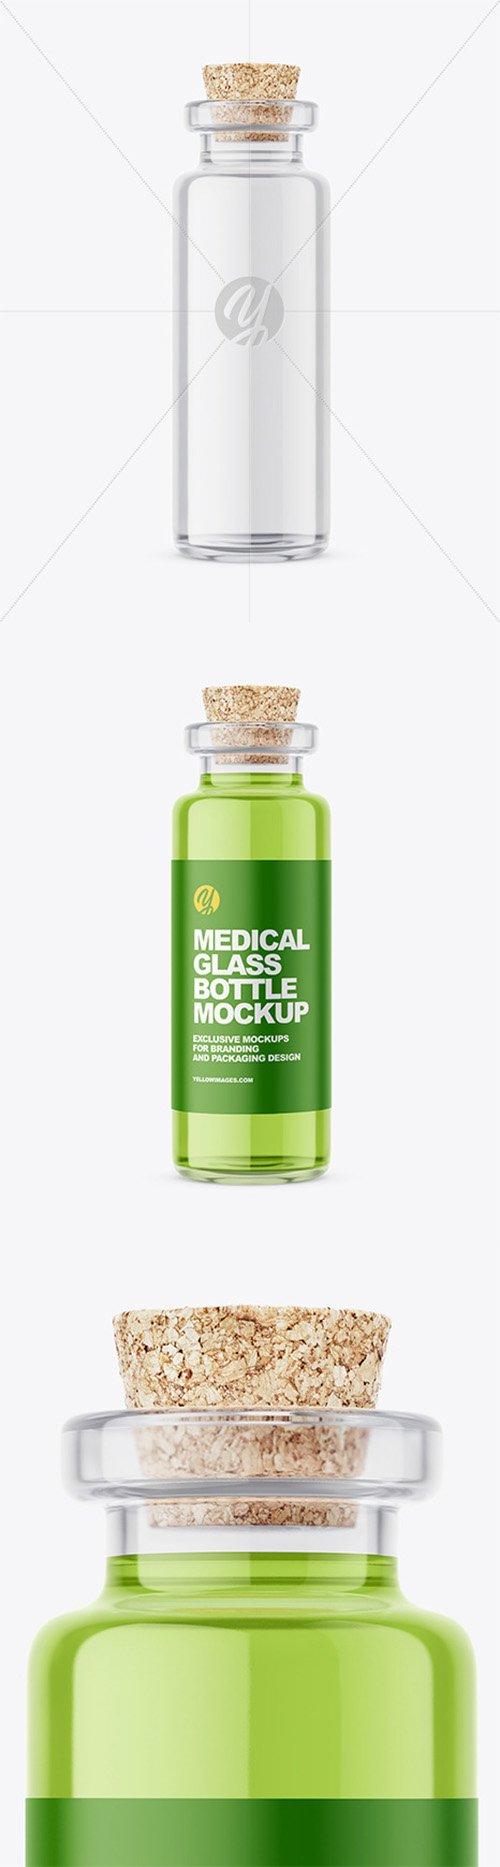 Glass Medical Bottle with Cork Mockup 57958 TIF